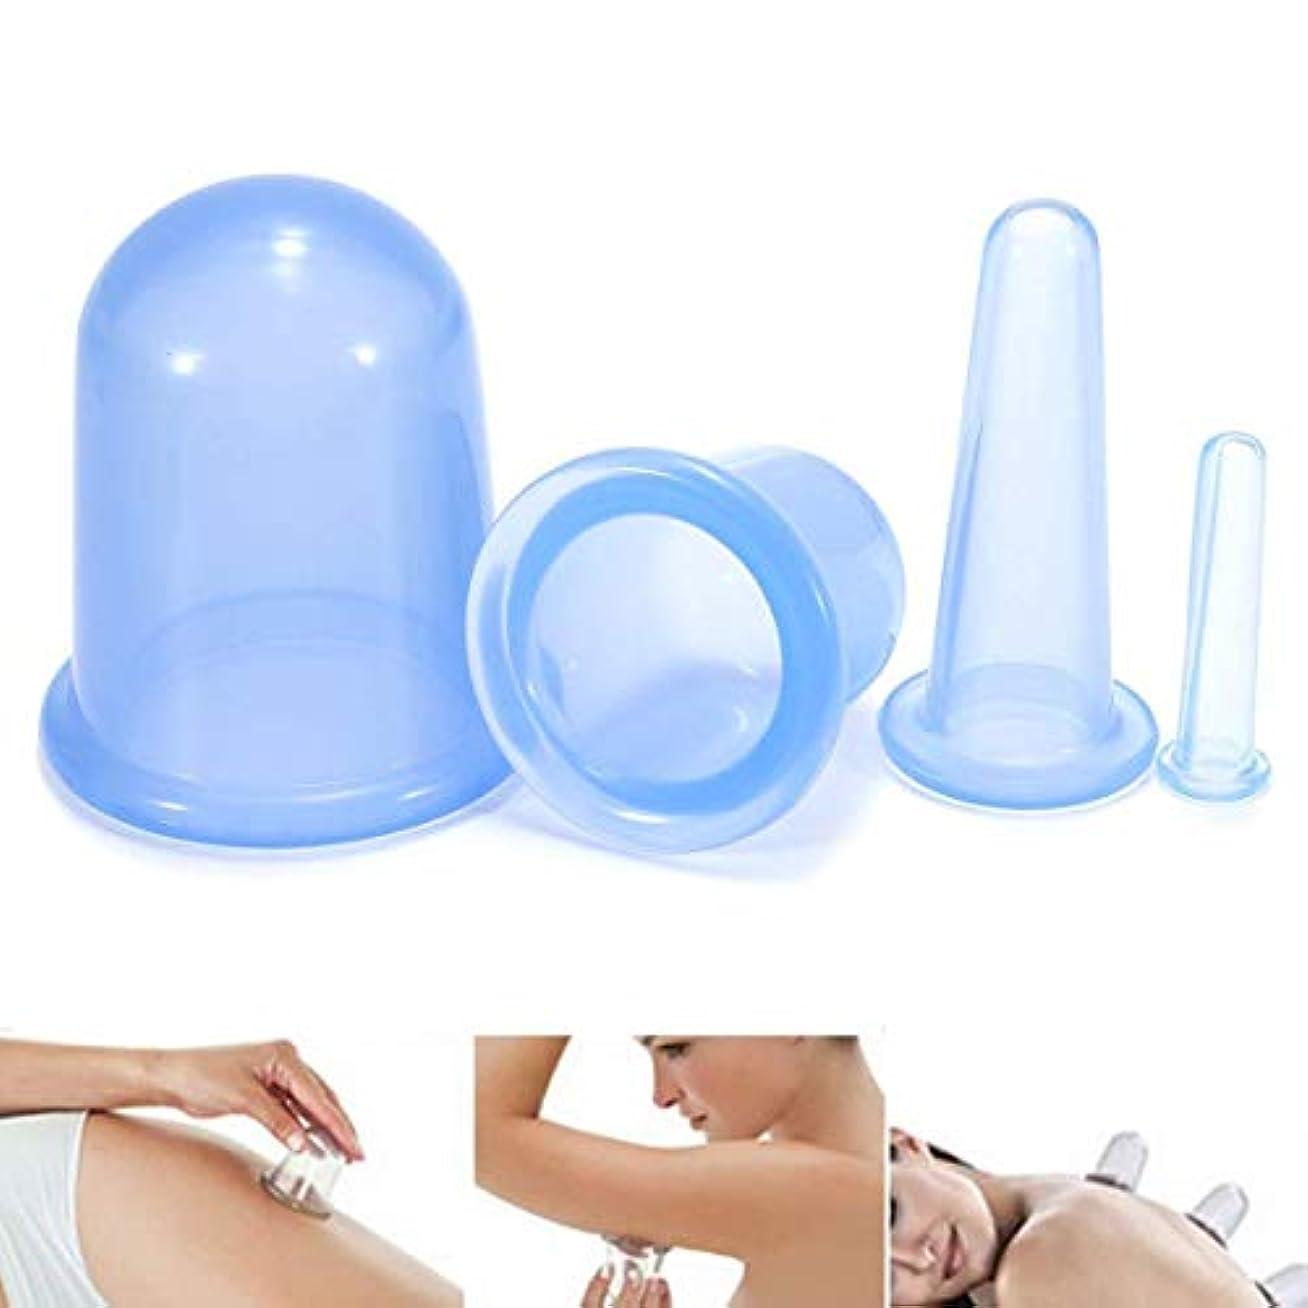 ライナー癌便利さセルライトカッピングセット療法マッサージGuasha吸引真空マッサージカップ美容シリコーンカッピング